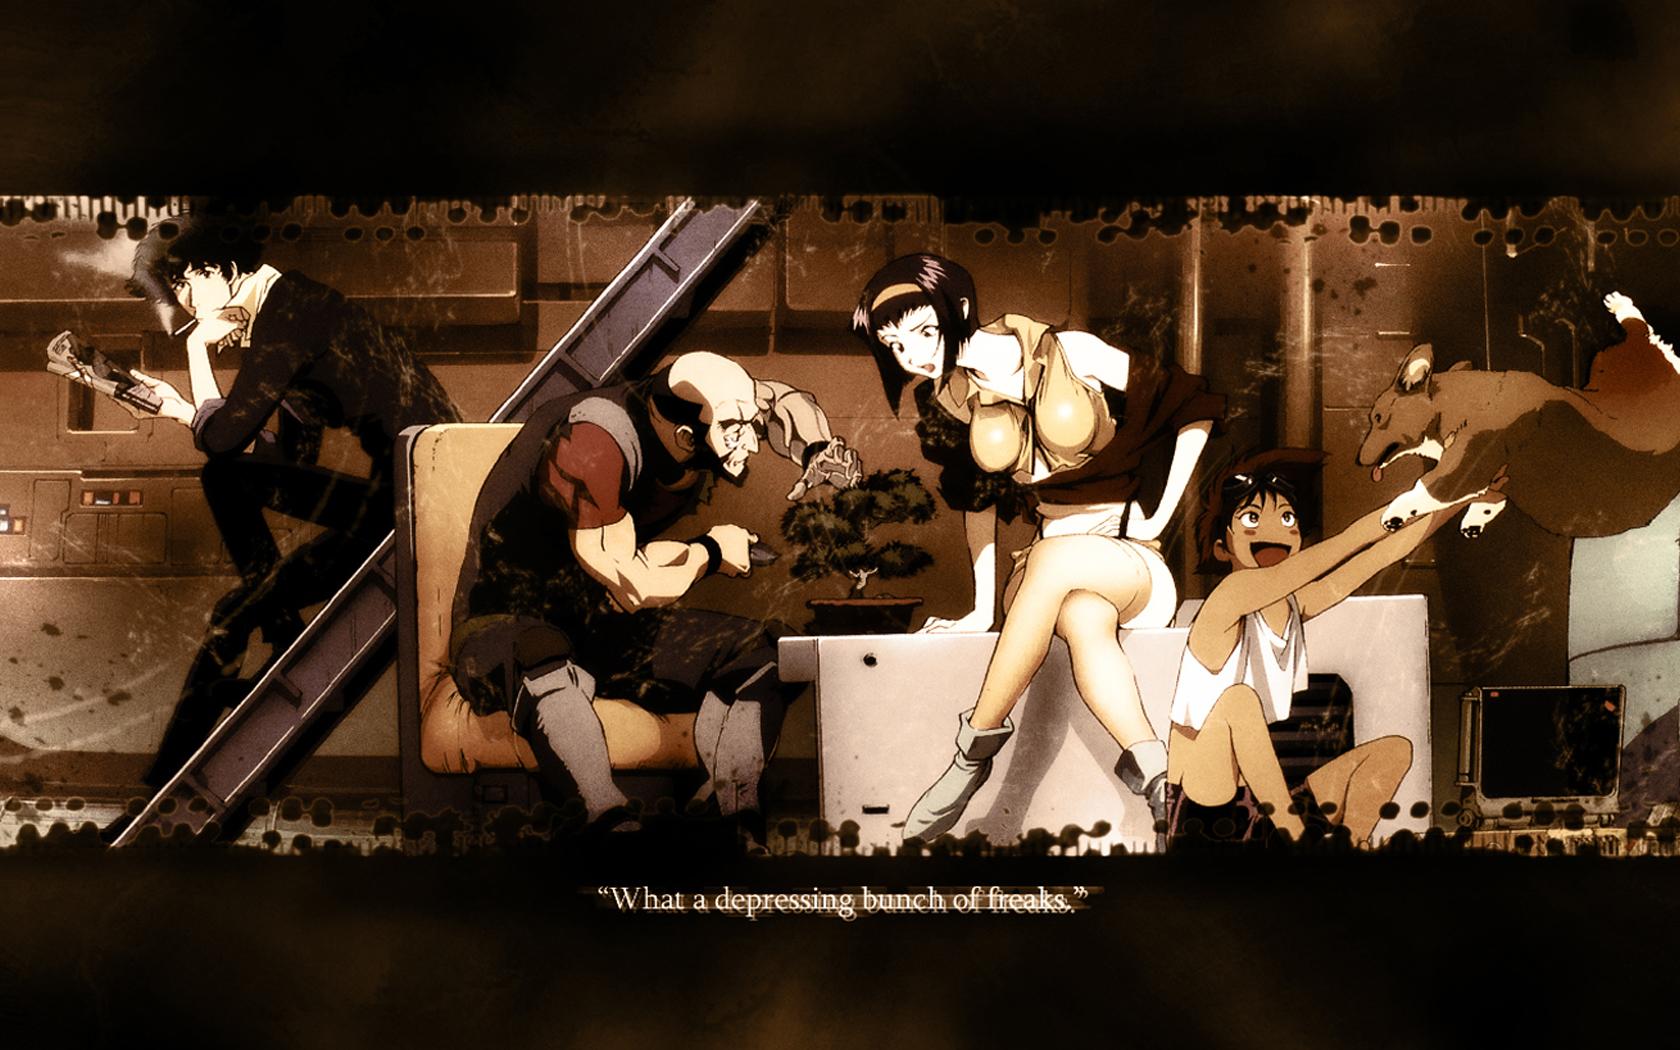 Cowboy Bebop Computer Wallpapers Desktop Backgrounds 1680x1050 ID 1680x1050